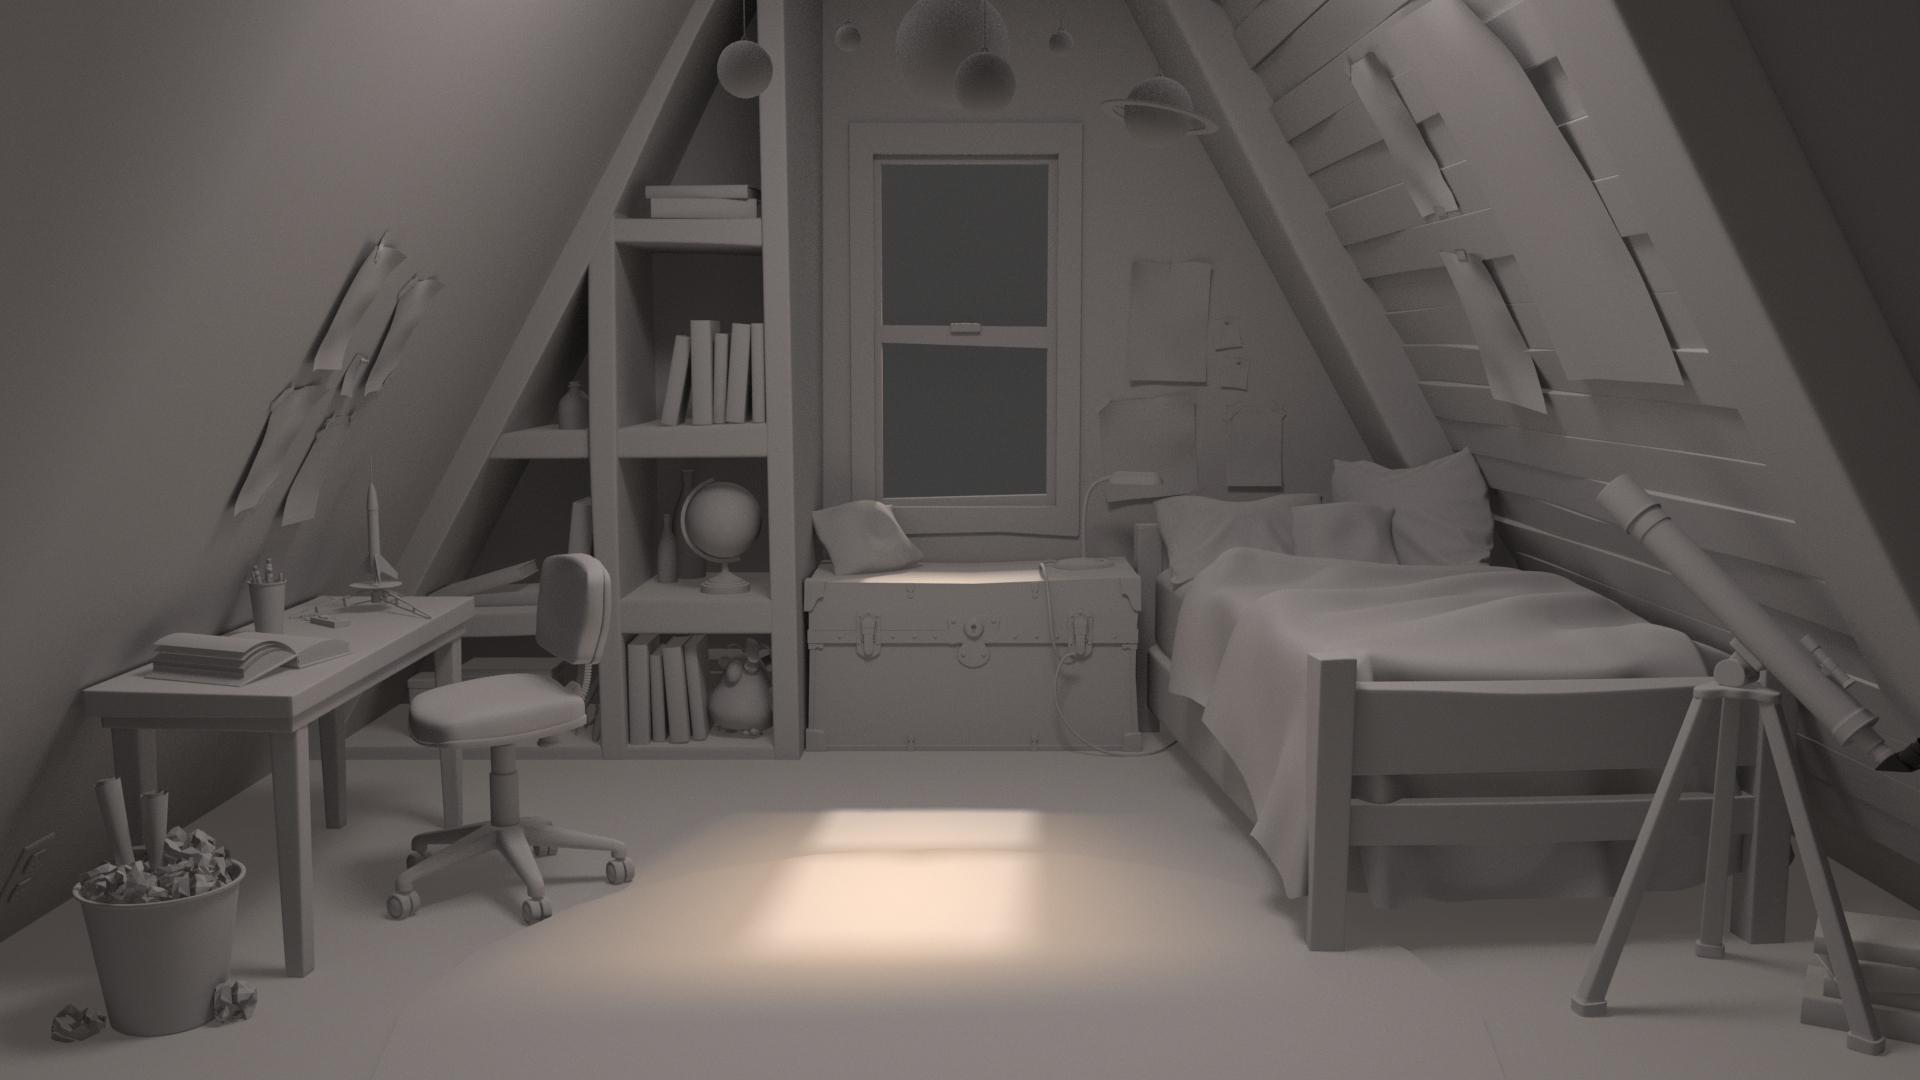 halley's room.jpeg